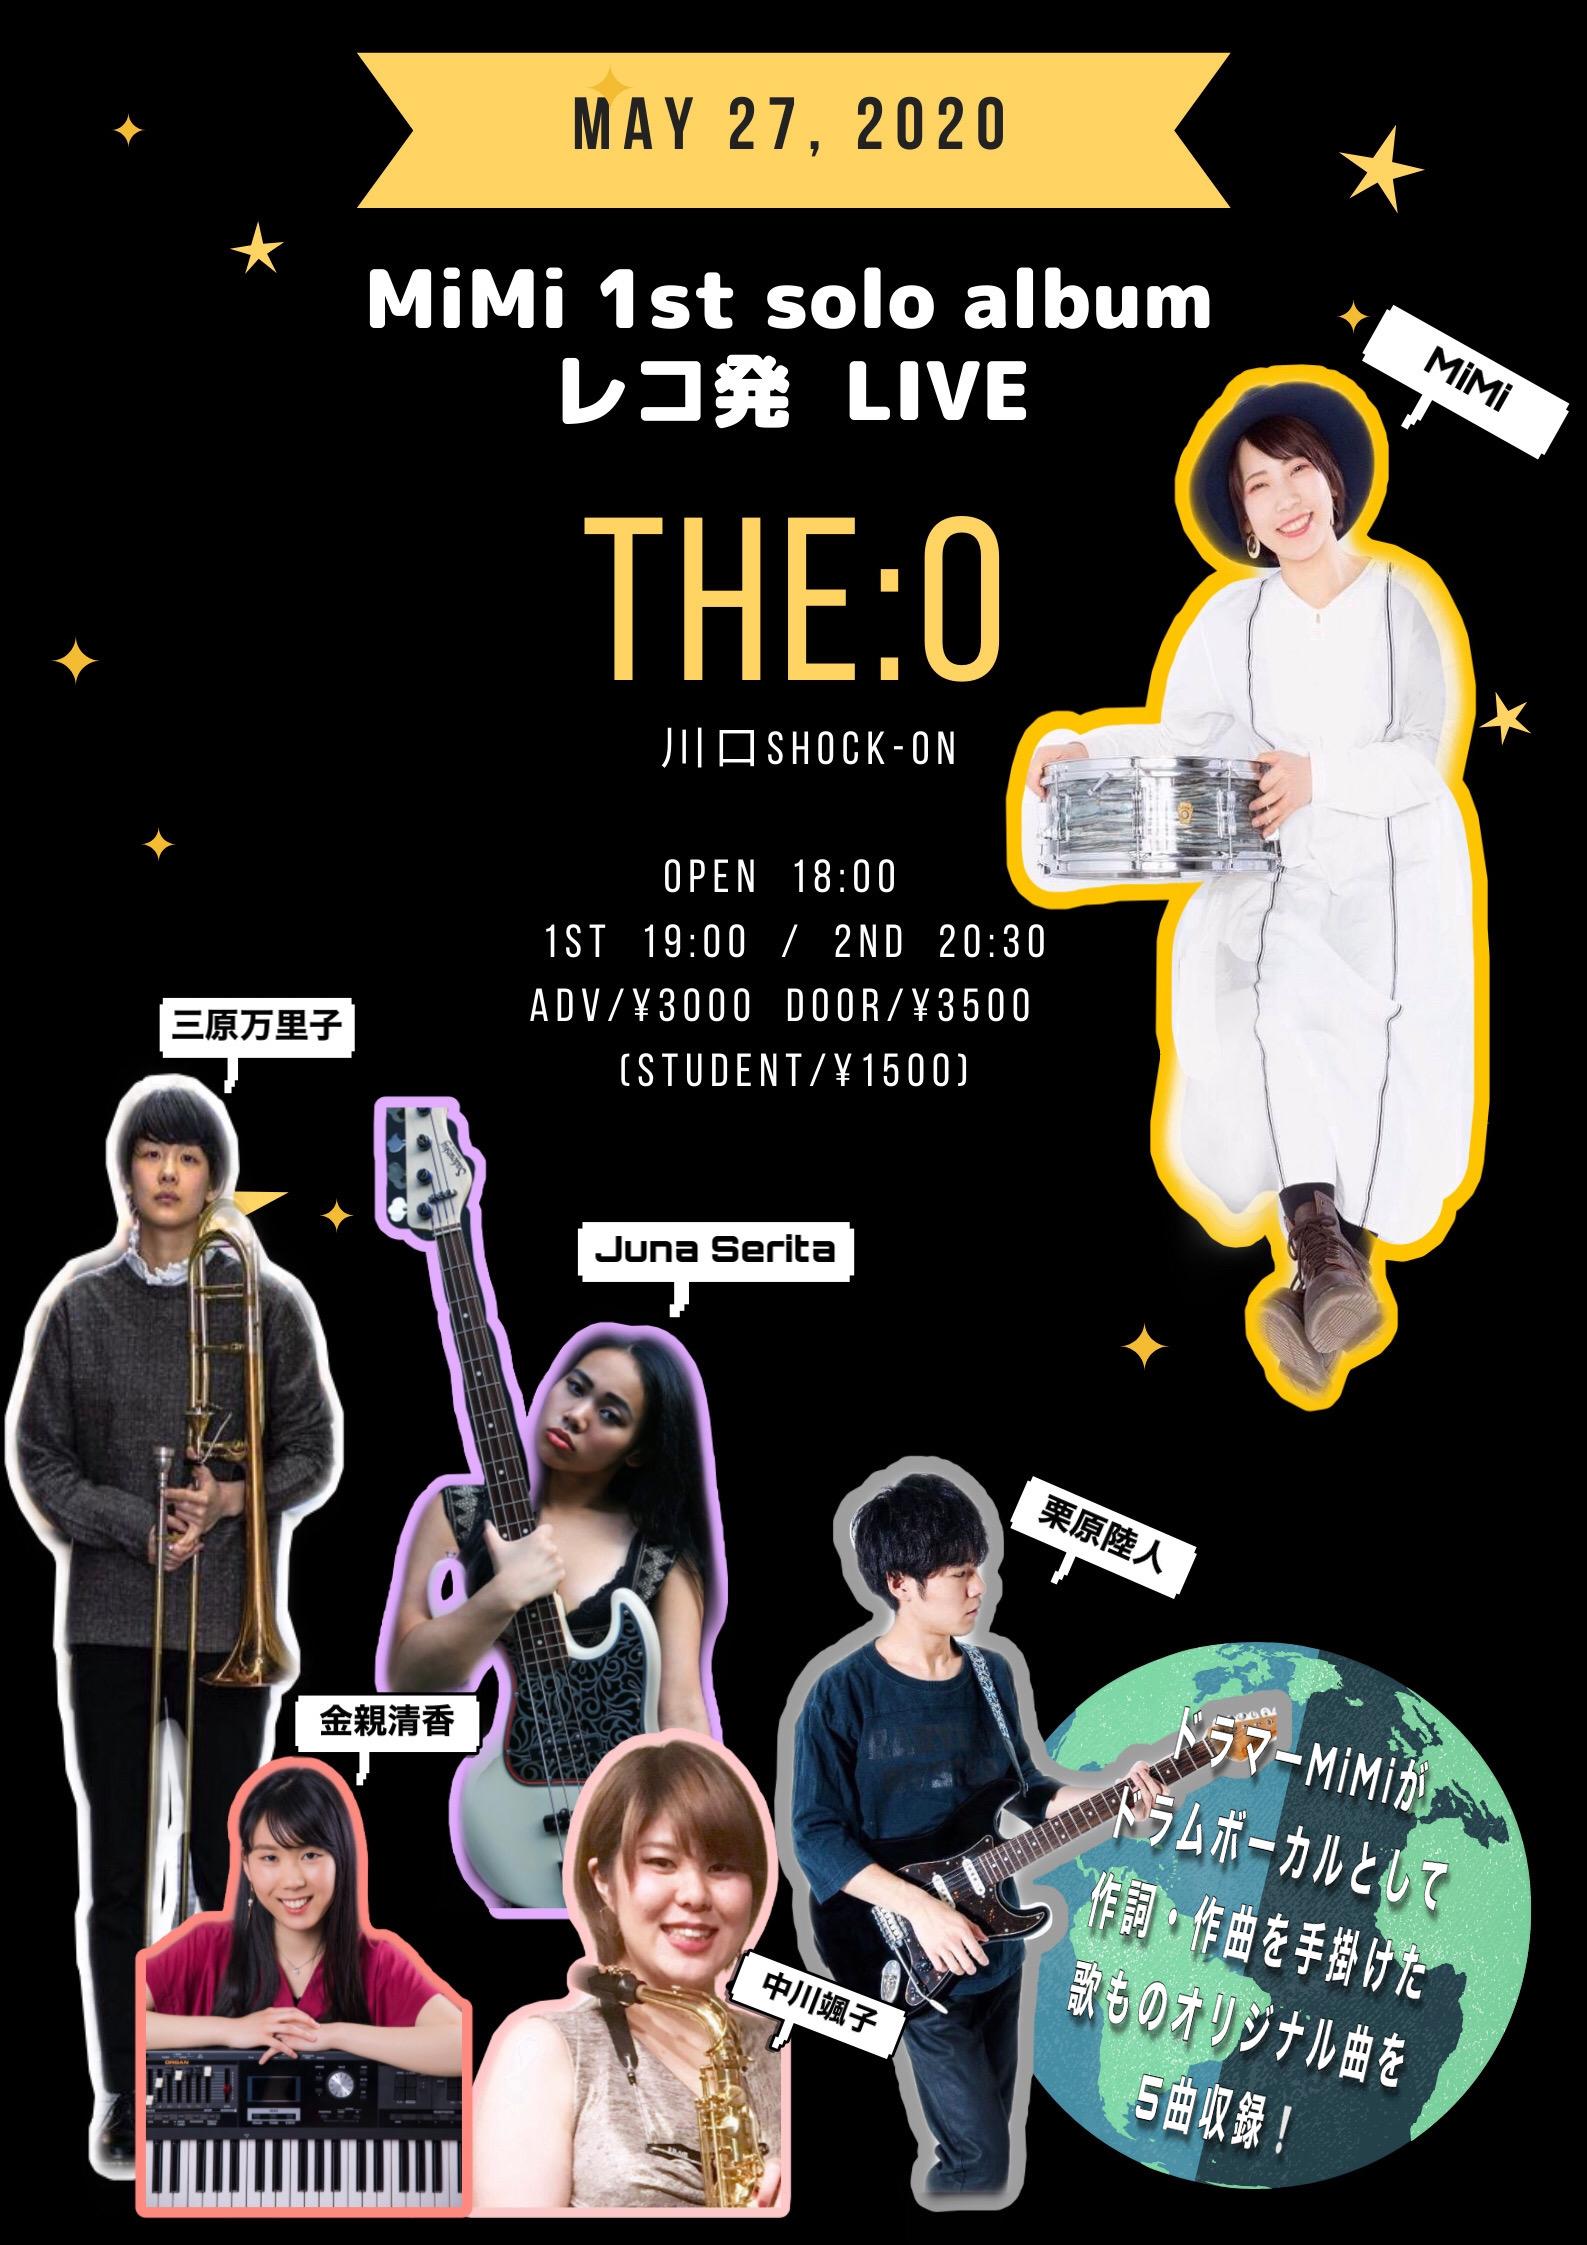 MiMi 1st solo album [THE:O]アコースティック紙芝居ライブでお届けします